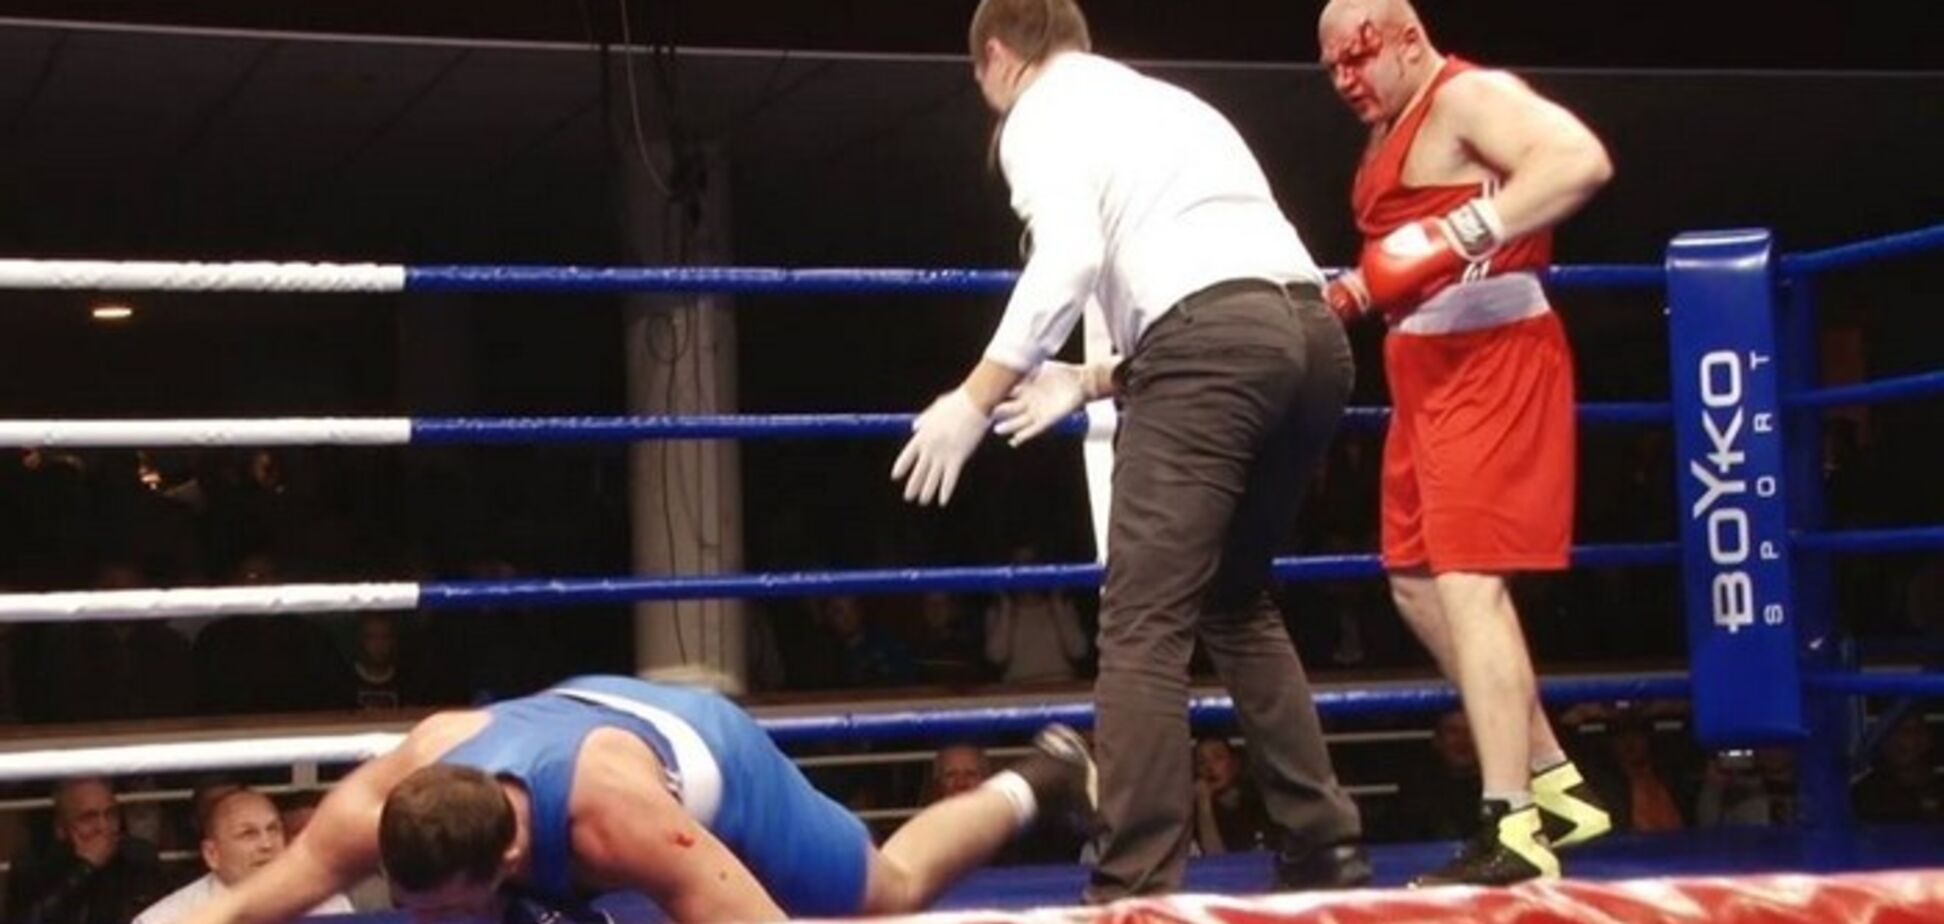 Украинский супертяж победил кошмарным нокаутом в первом раунде - опубликовано видео